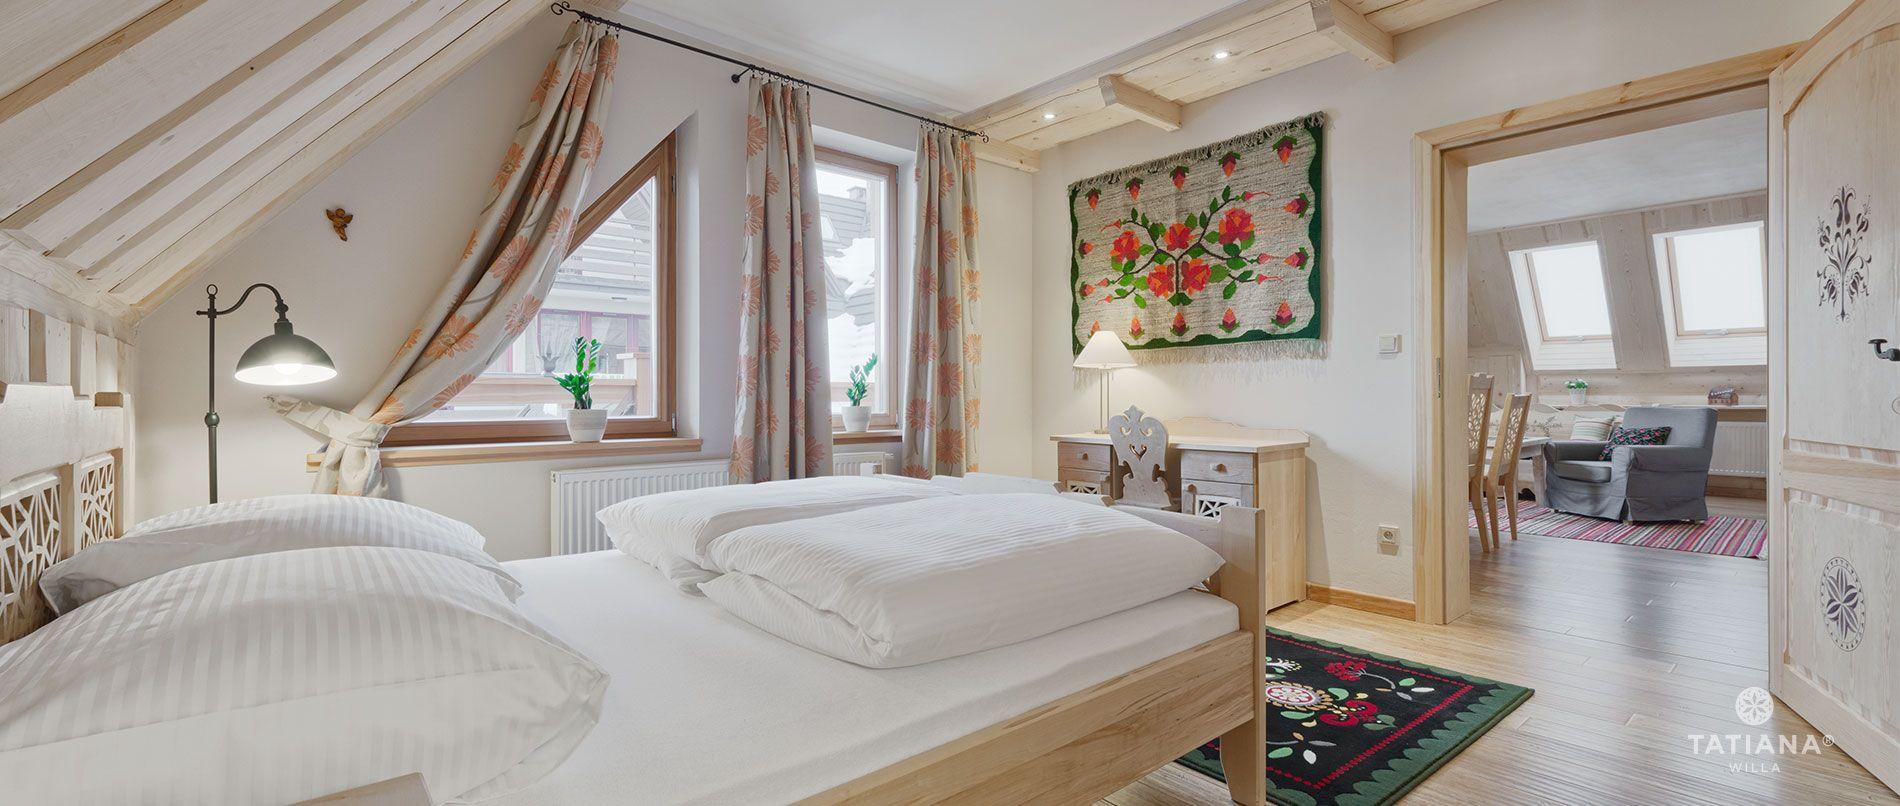 Apartament Lux 17- sypialnia